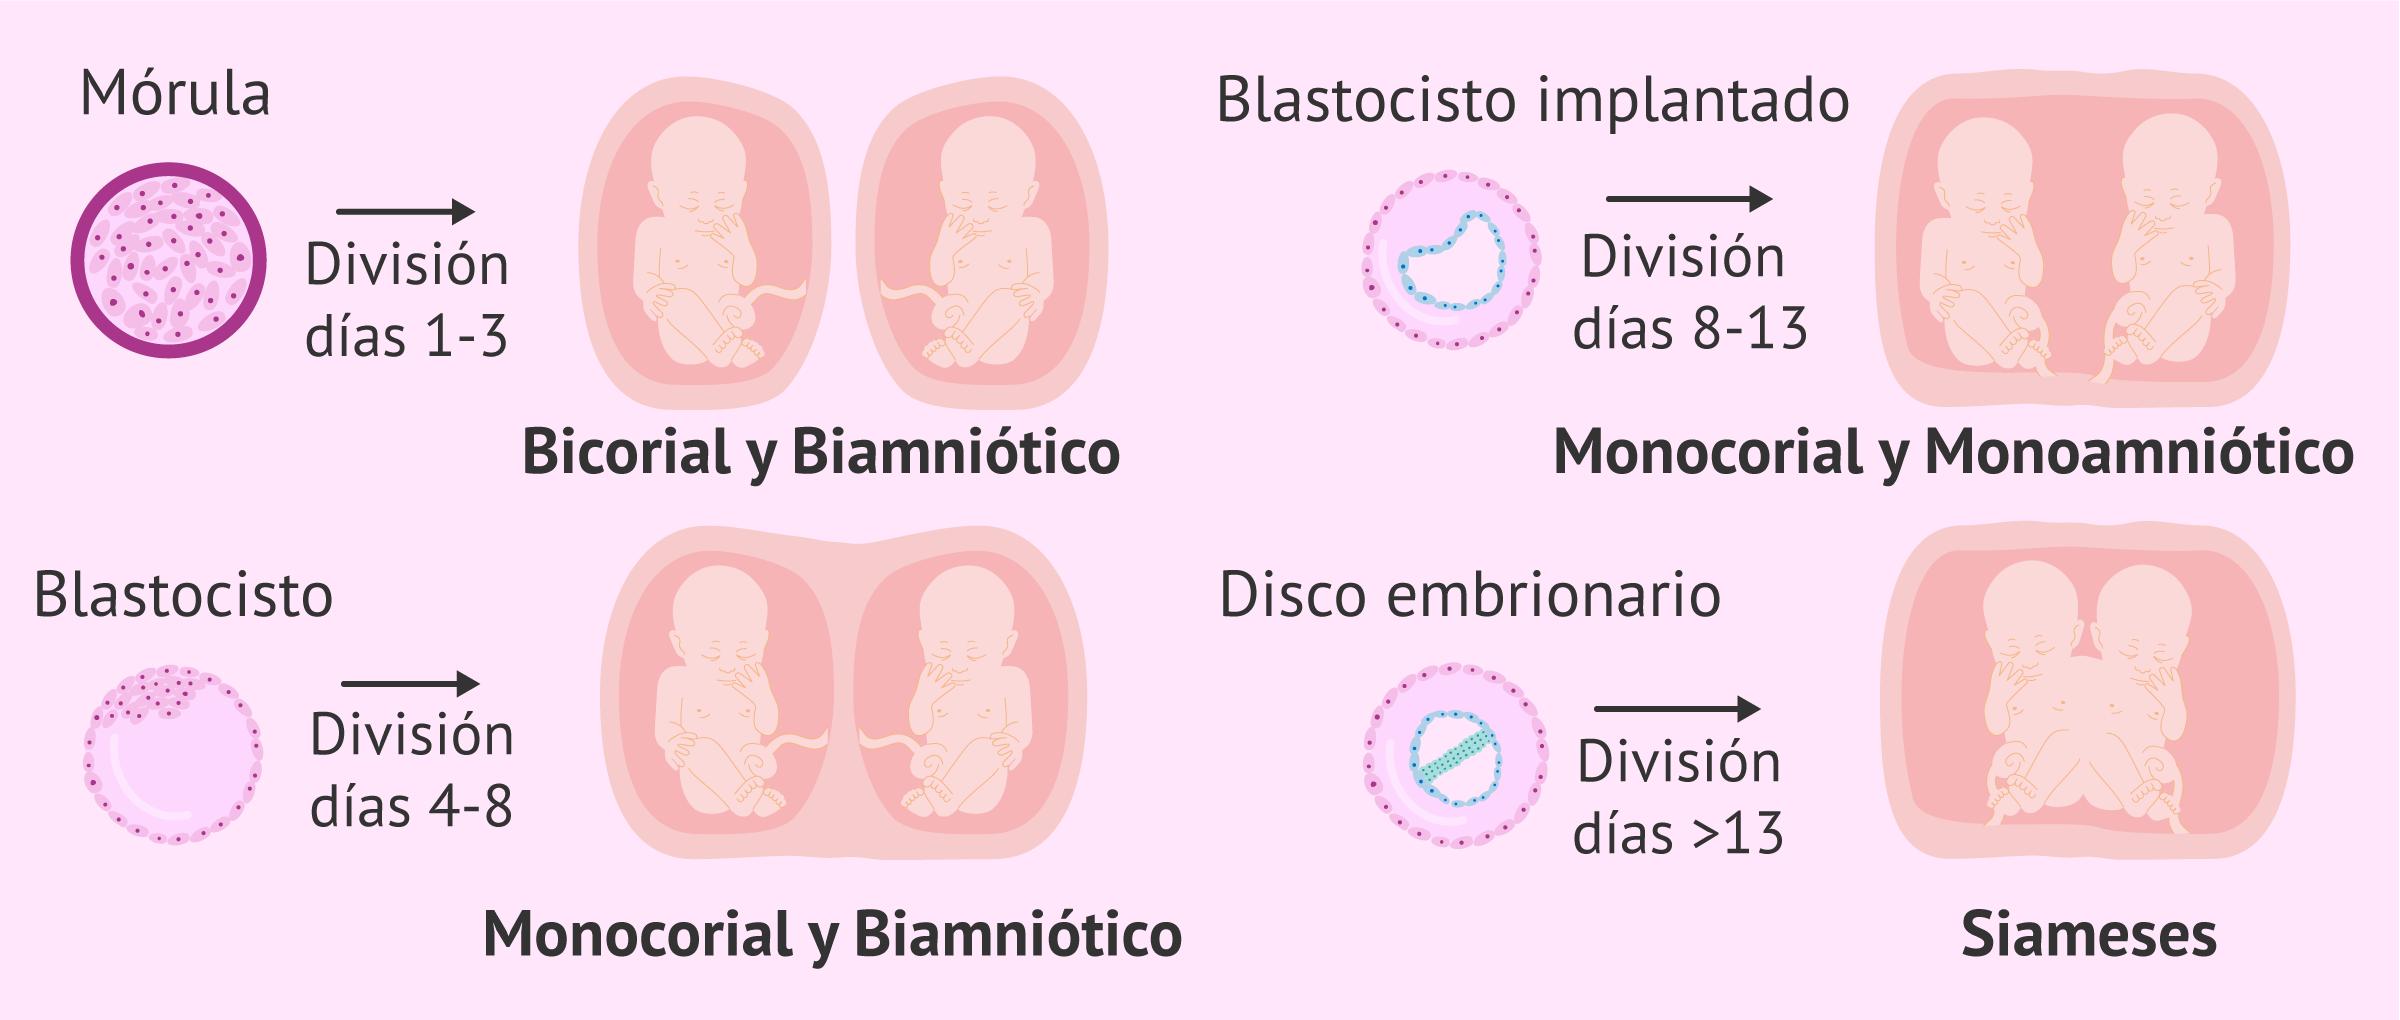 El embarazo múltiple